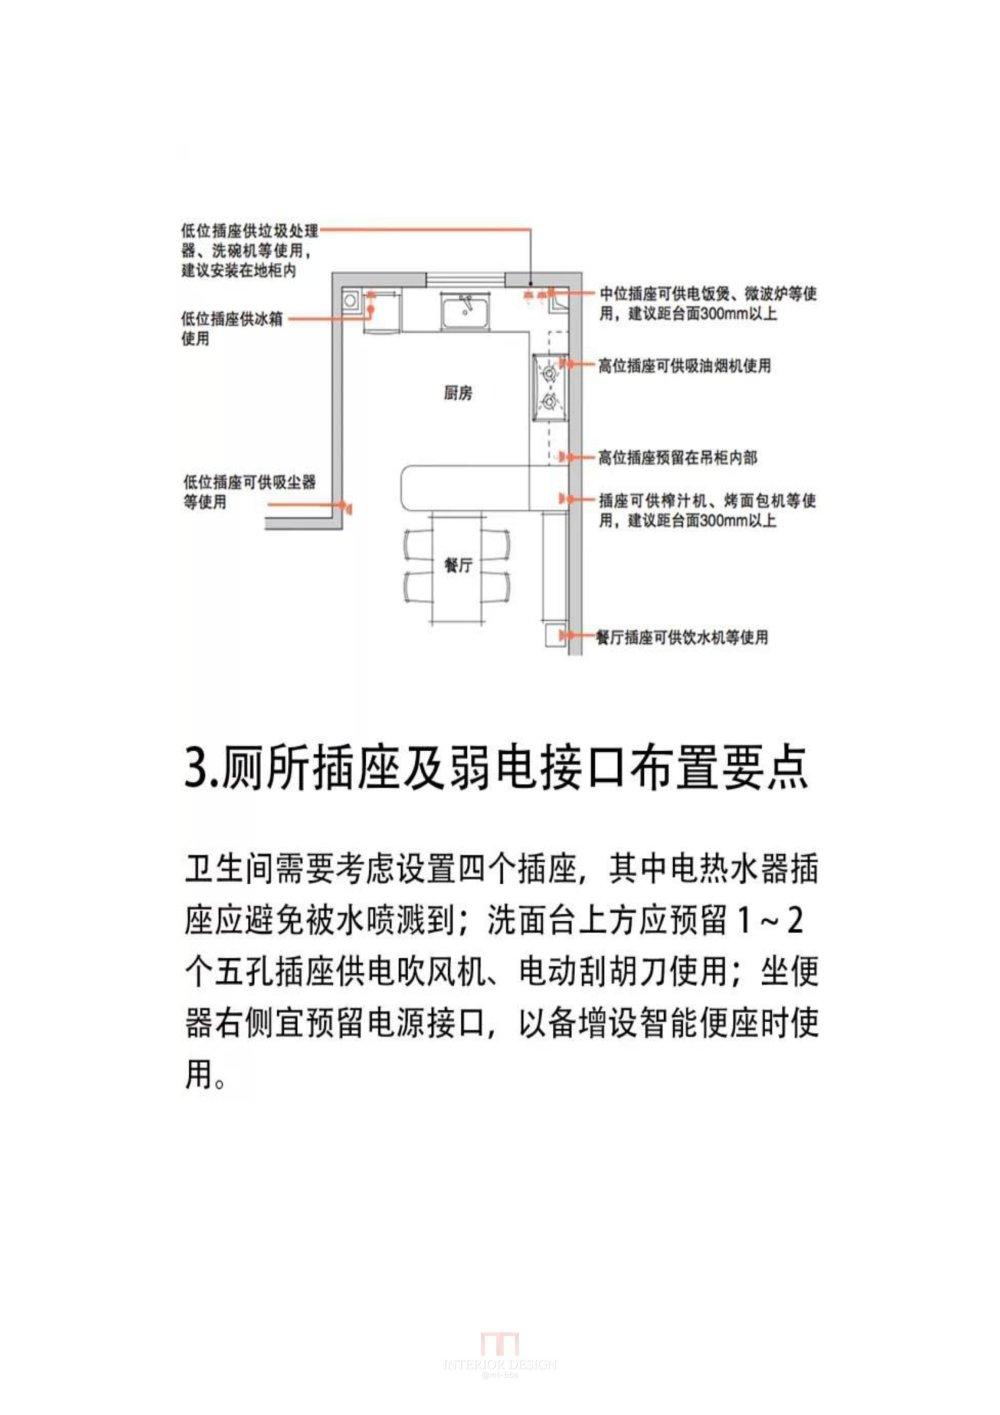 设计师必读:老年住宅中的细节设计(经典)_111 (18).jpg